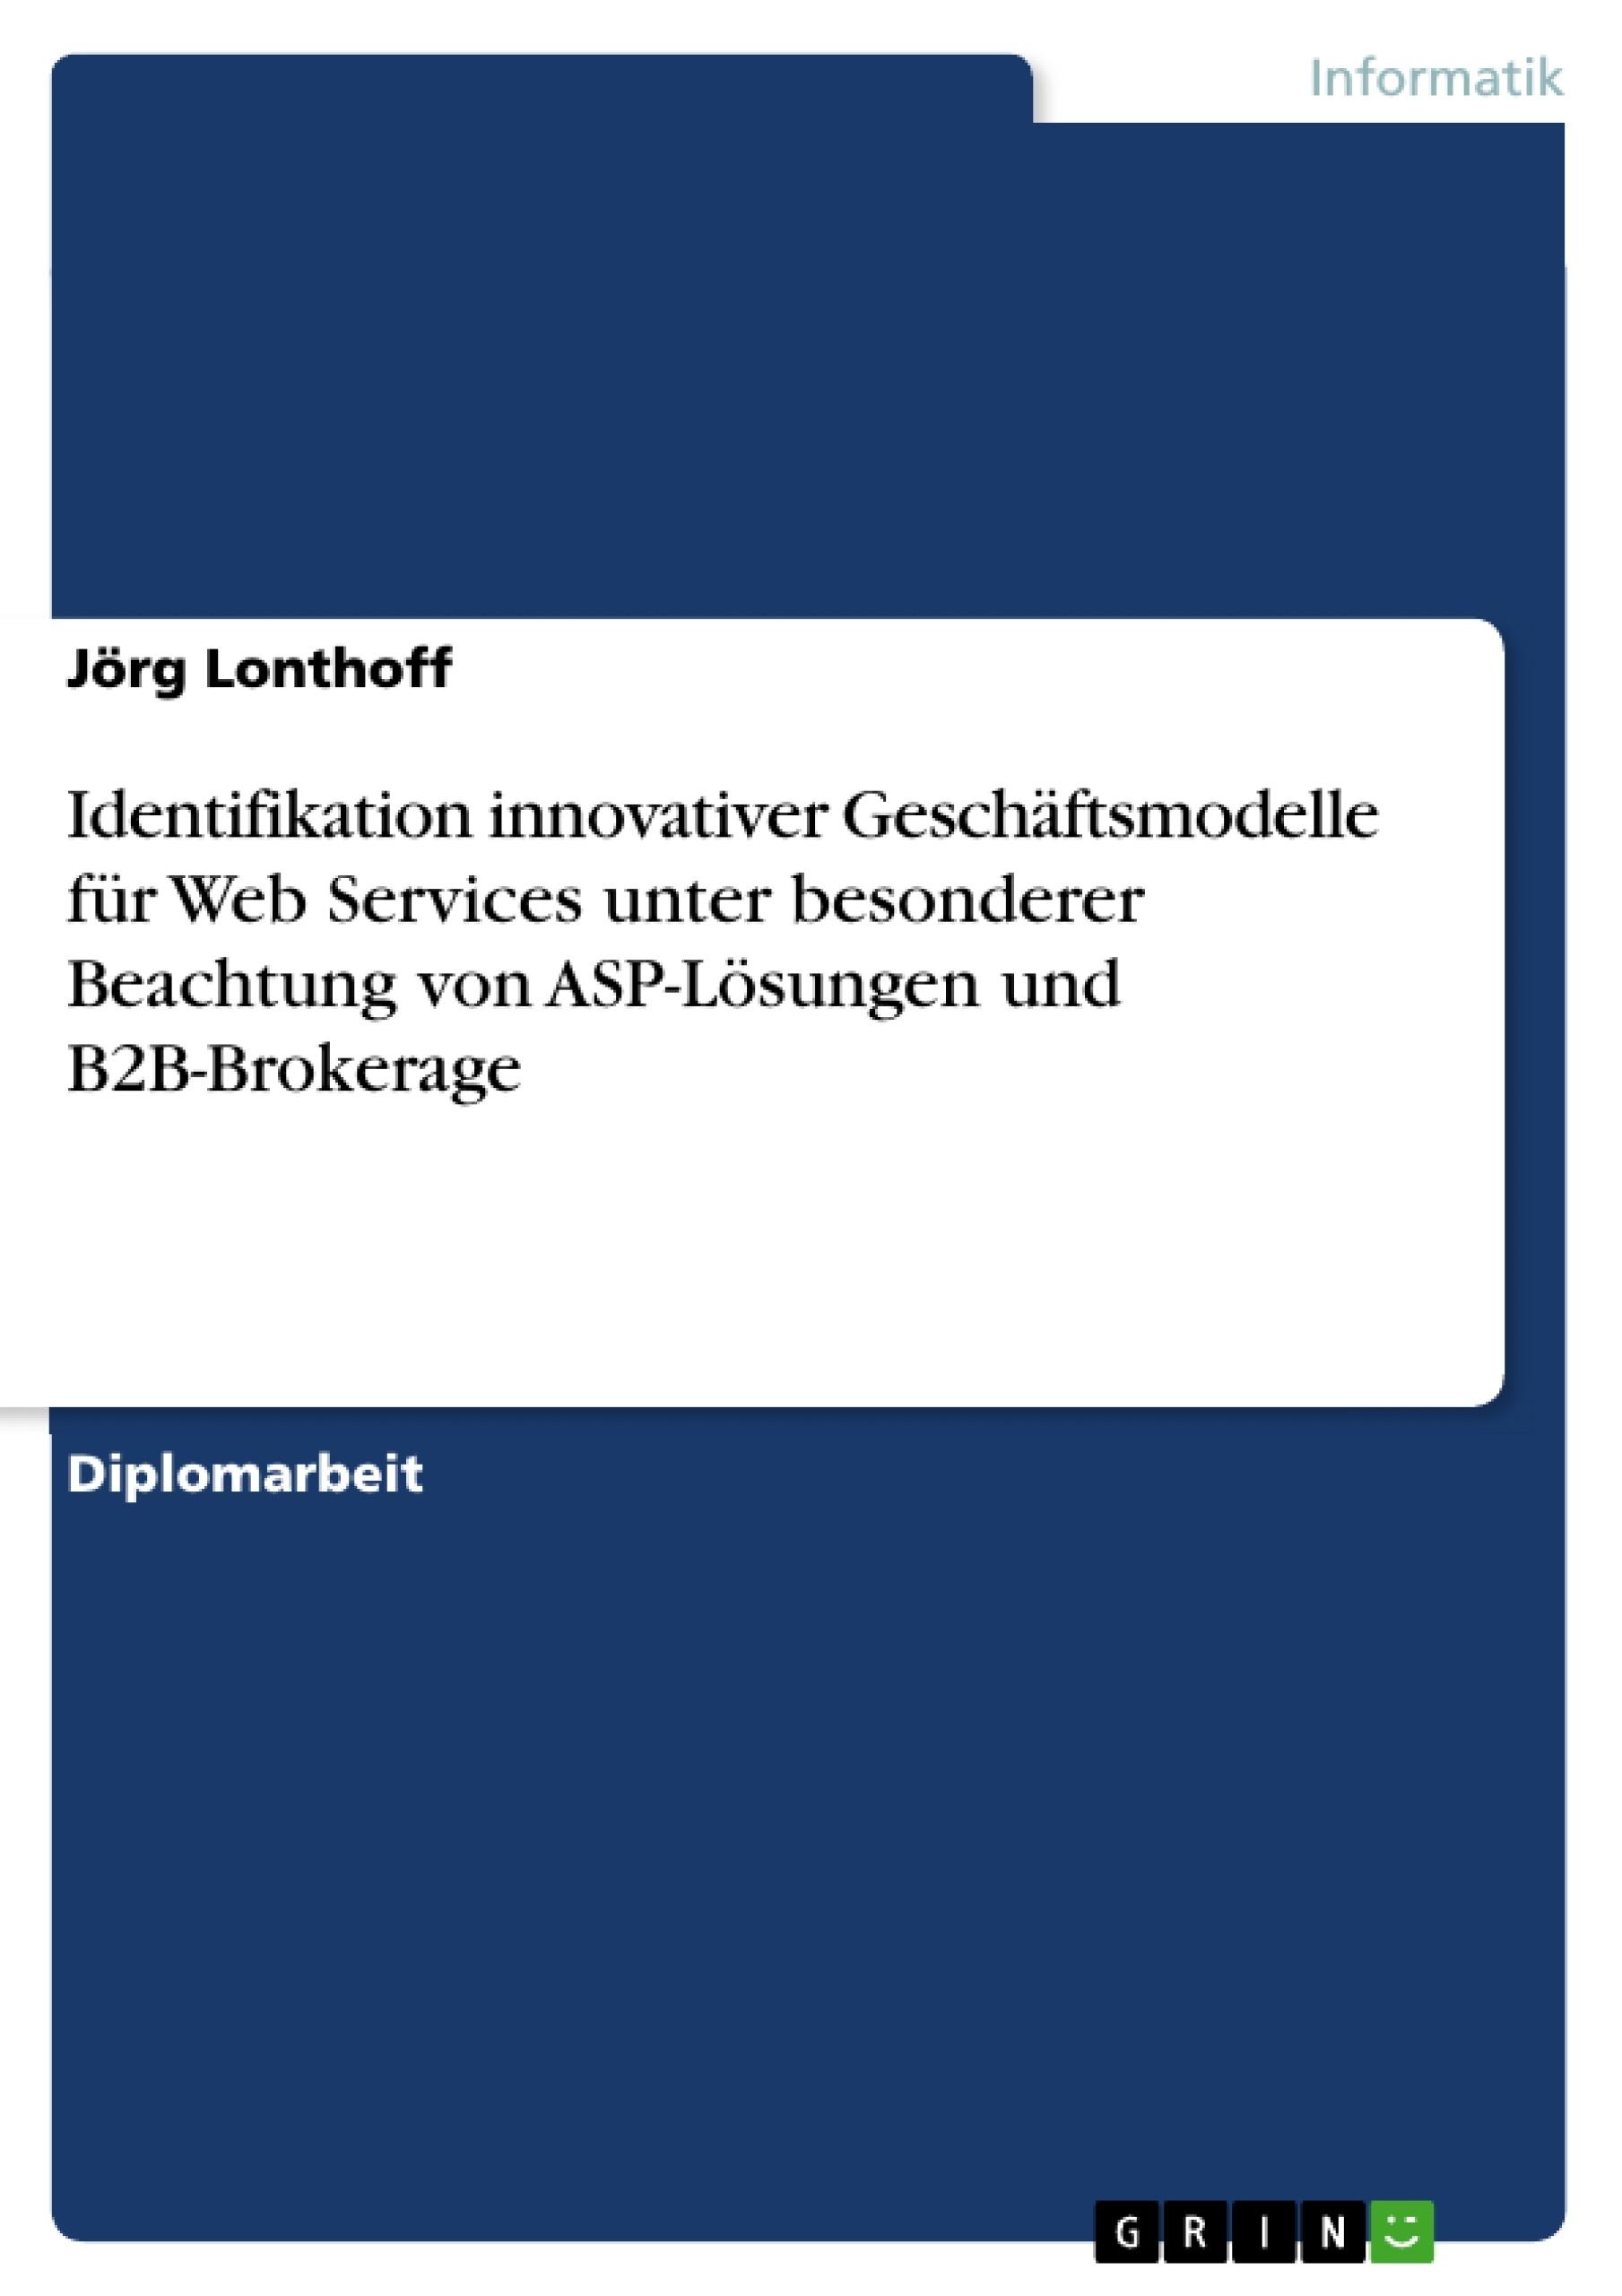 Titel: Identifikation innovativer Geschäftsmodelle für Web Services unter besonderer Beachtung von ASP-Lösungen und B2B-Brokerage